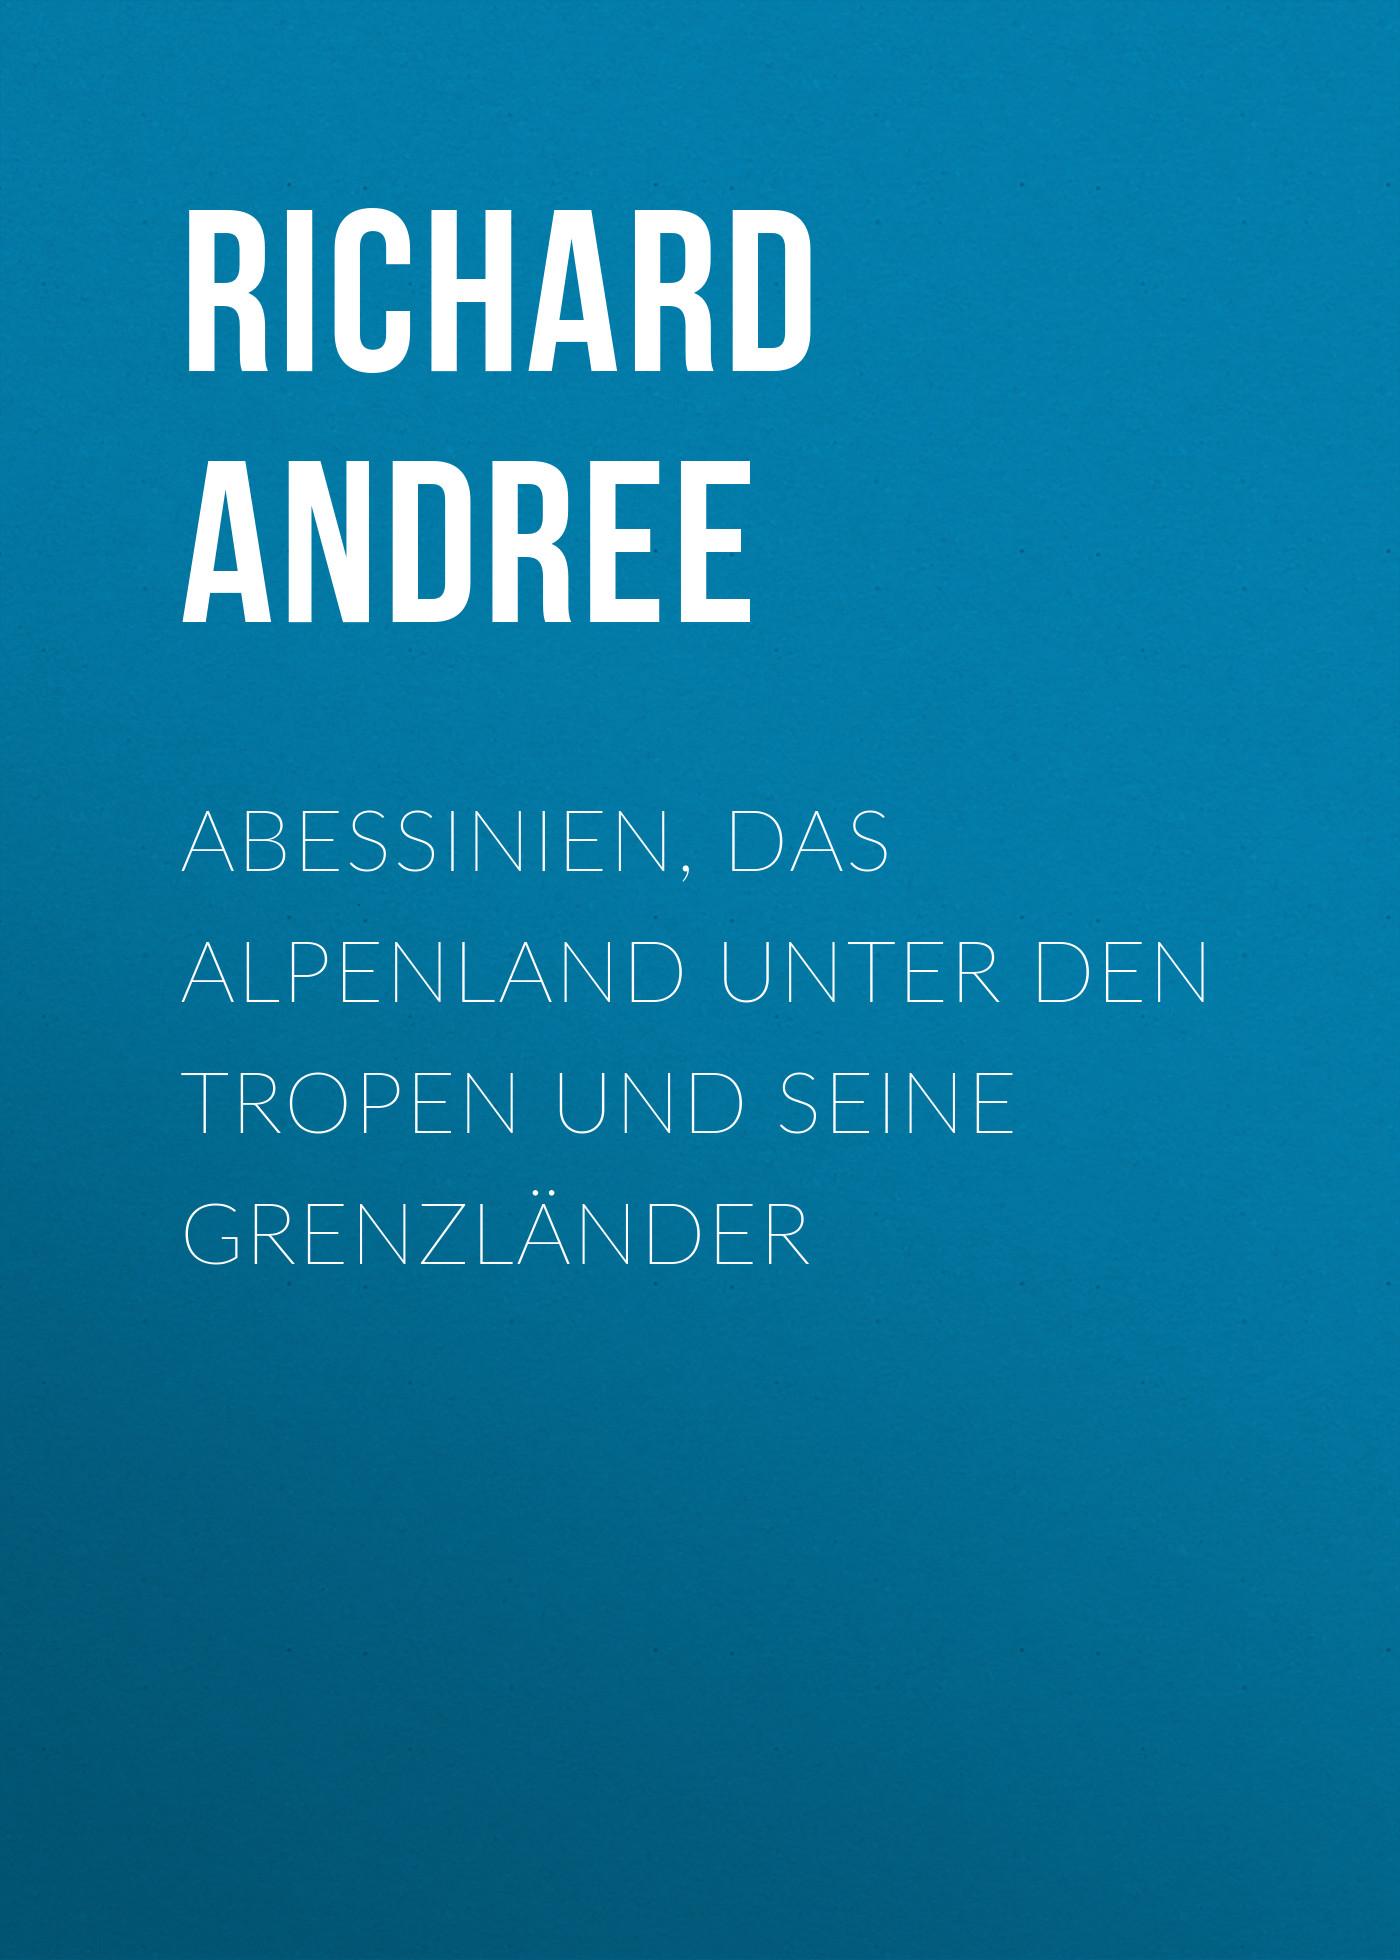 Andree Richard Abessinien, das Alpenland unter den Tropen und seine Grenzländer